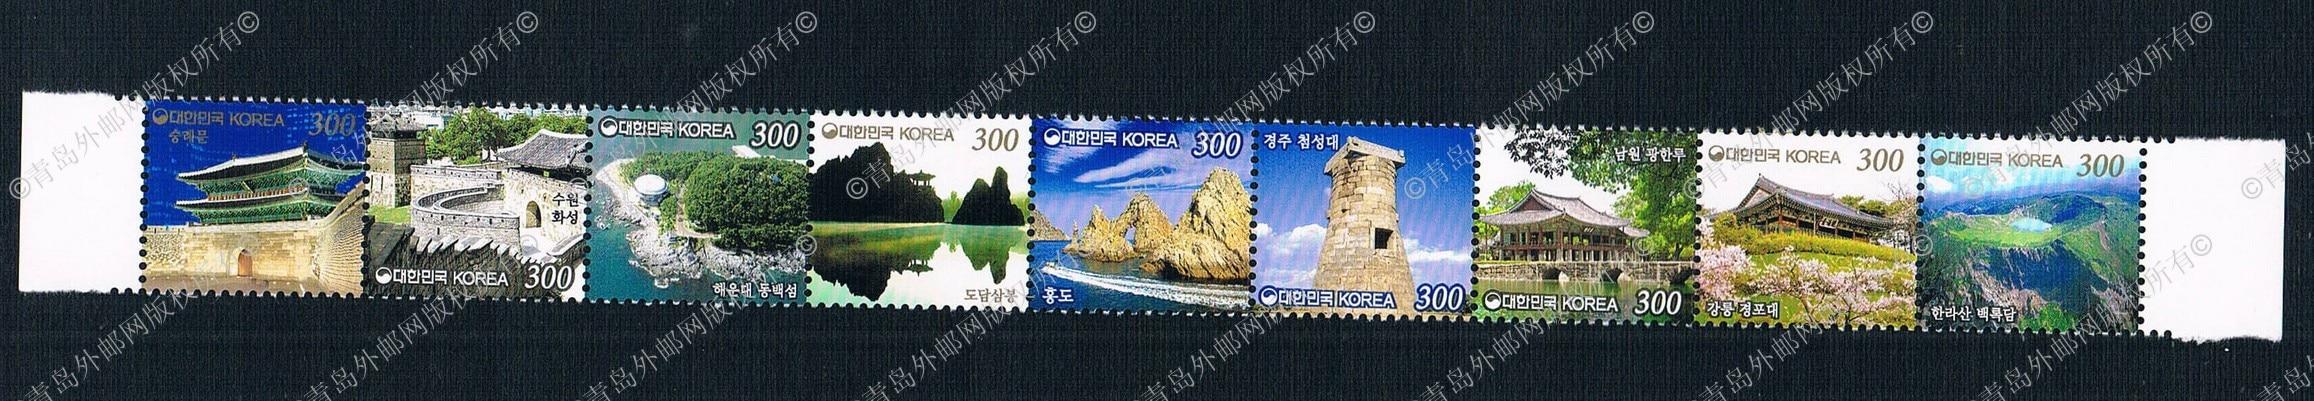 2013 Korea KR1178 Korea scenery ordinary stamps 9 new 0121 чайный столик korea phil 2013